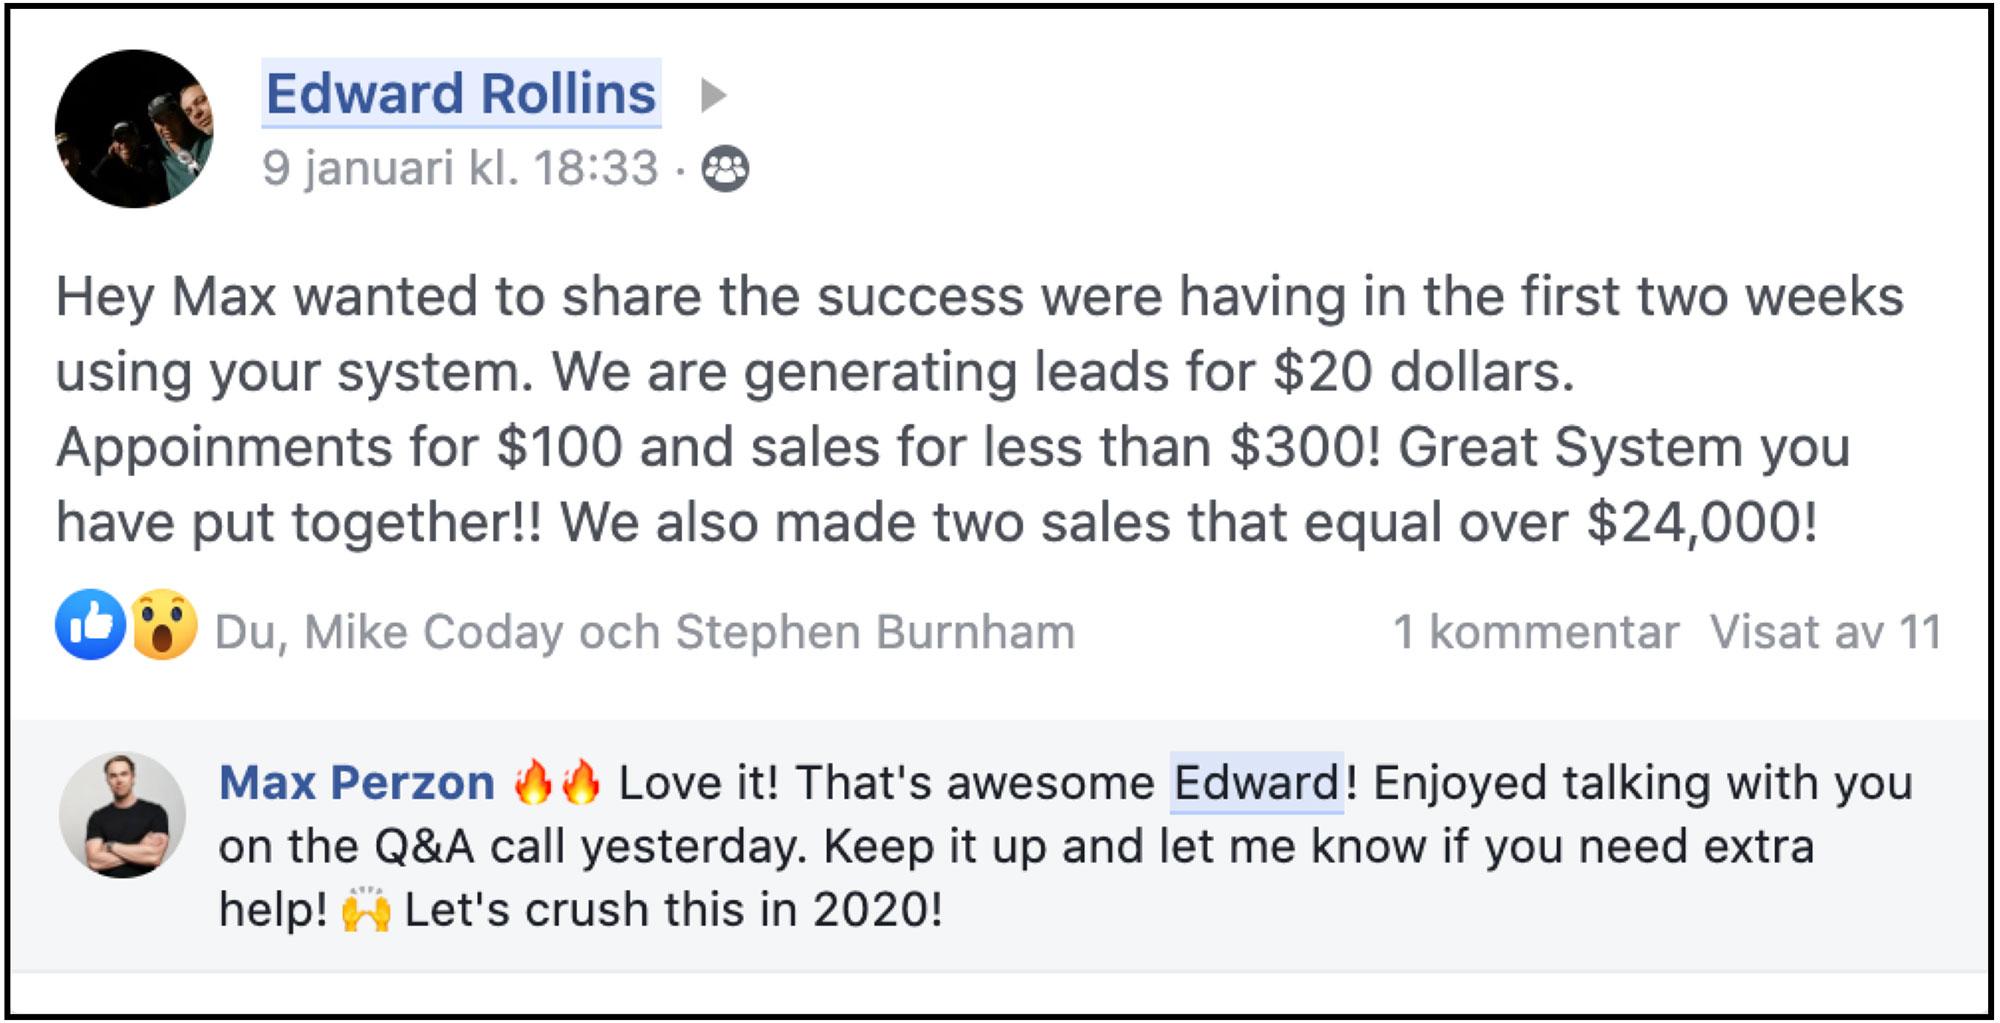 Edward-Rollins-GPRS